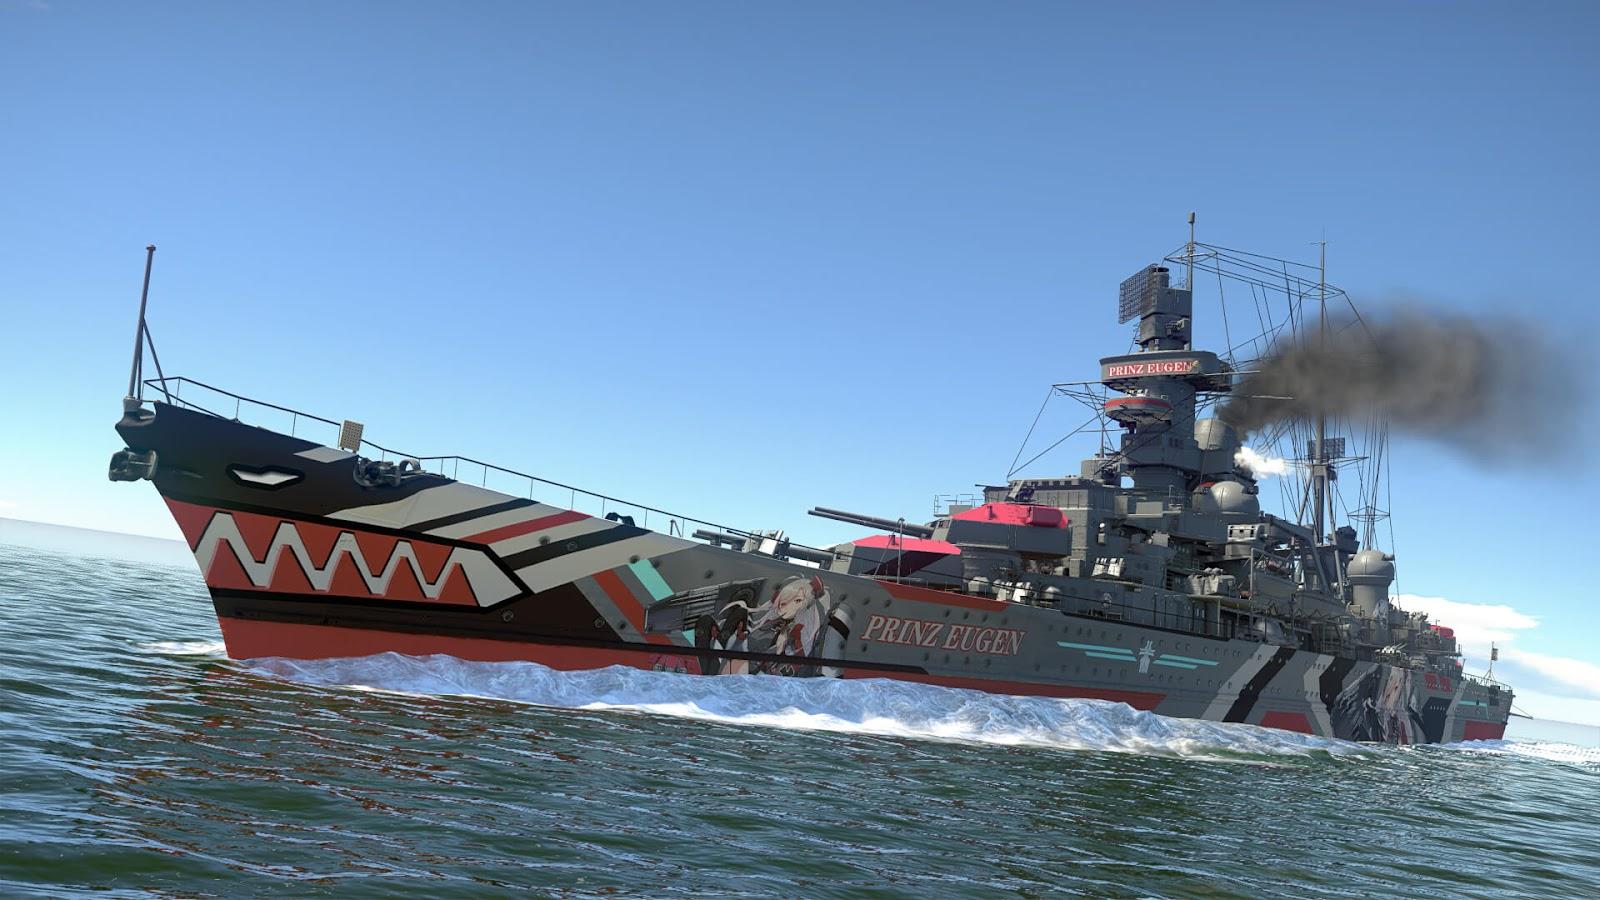 Prinz Eugen from Azur Lane War Thunder